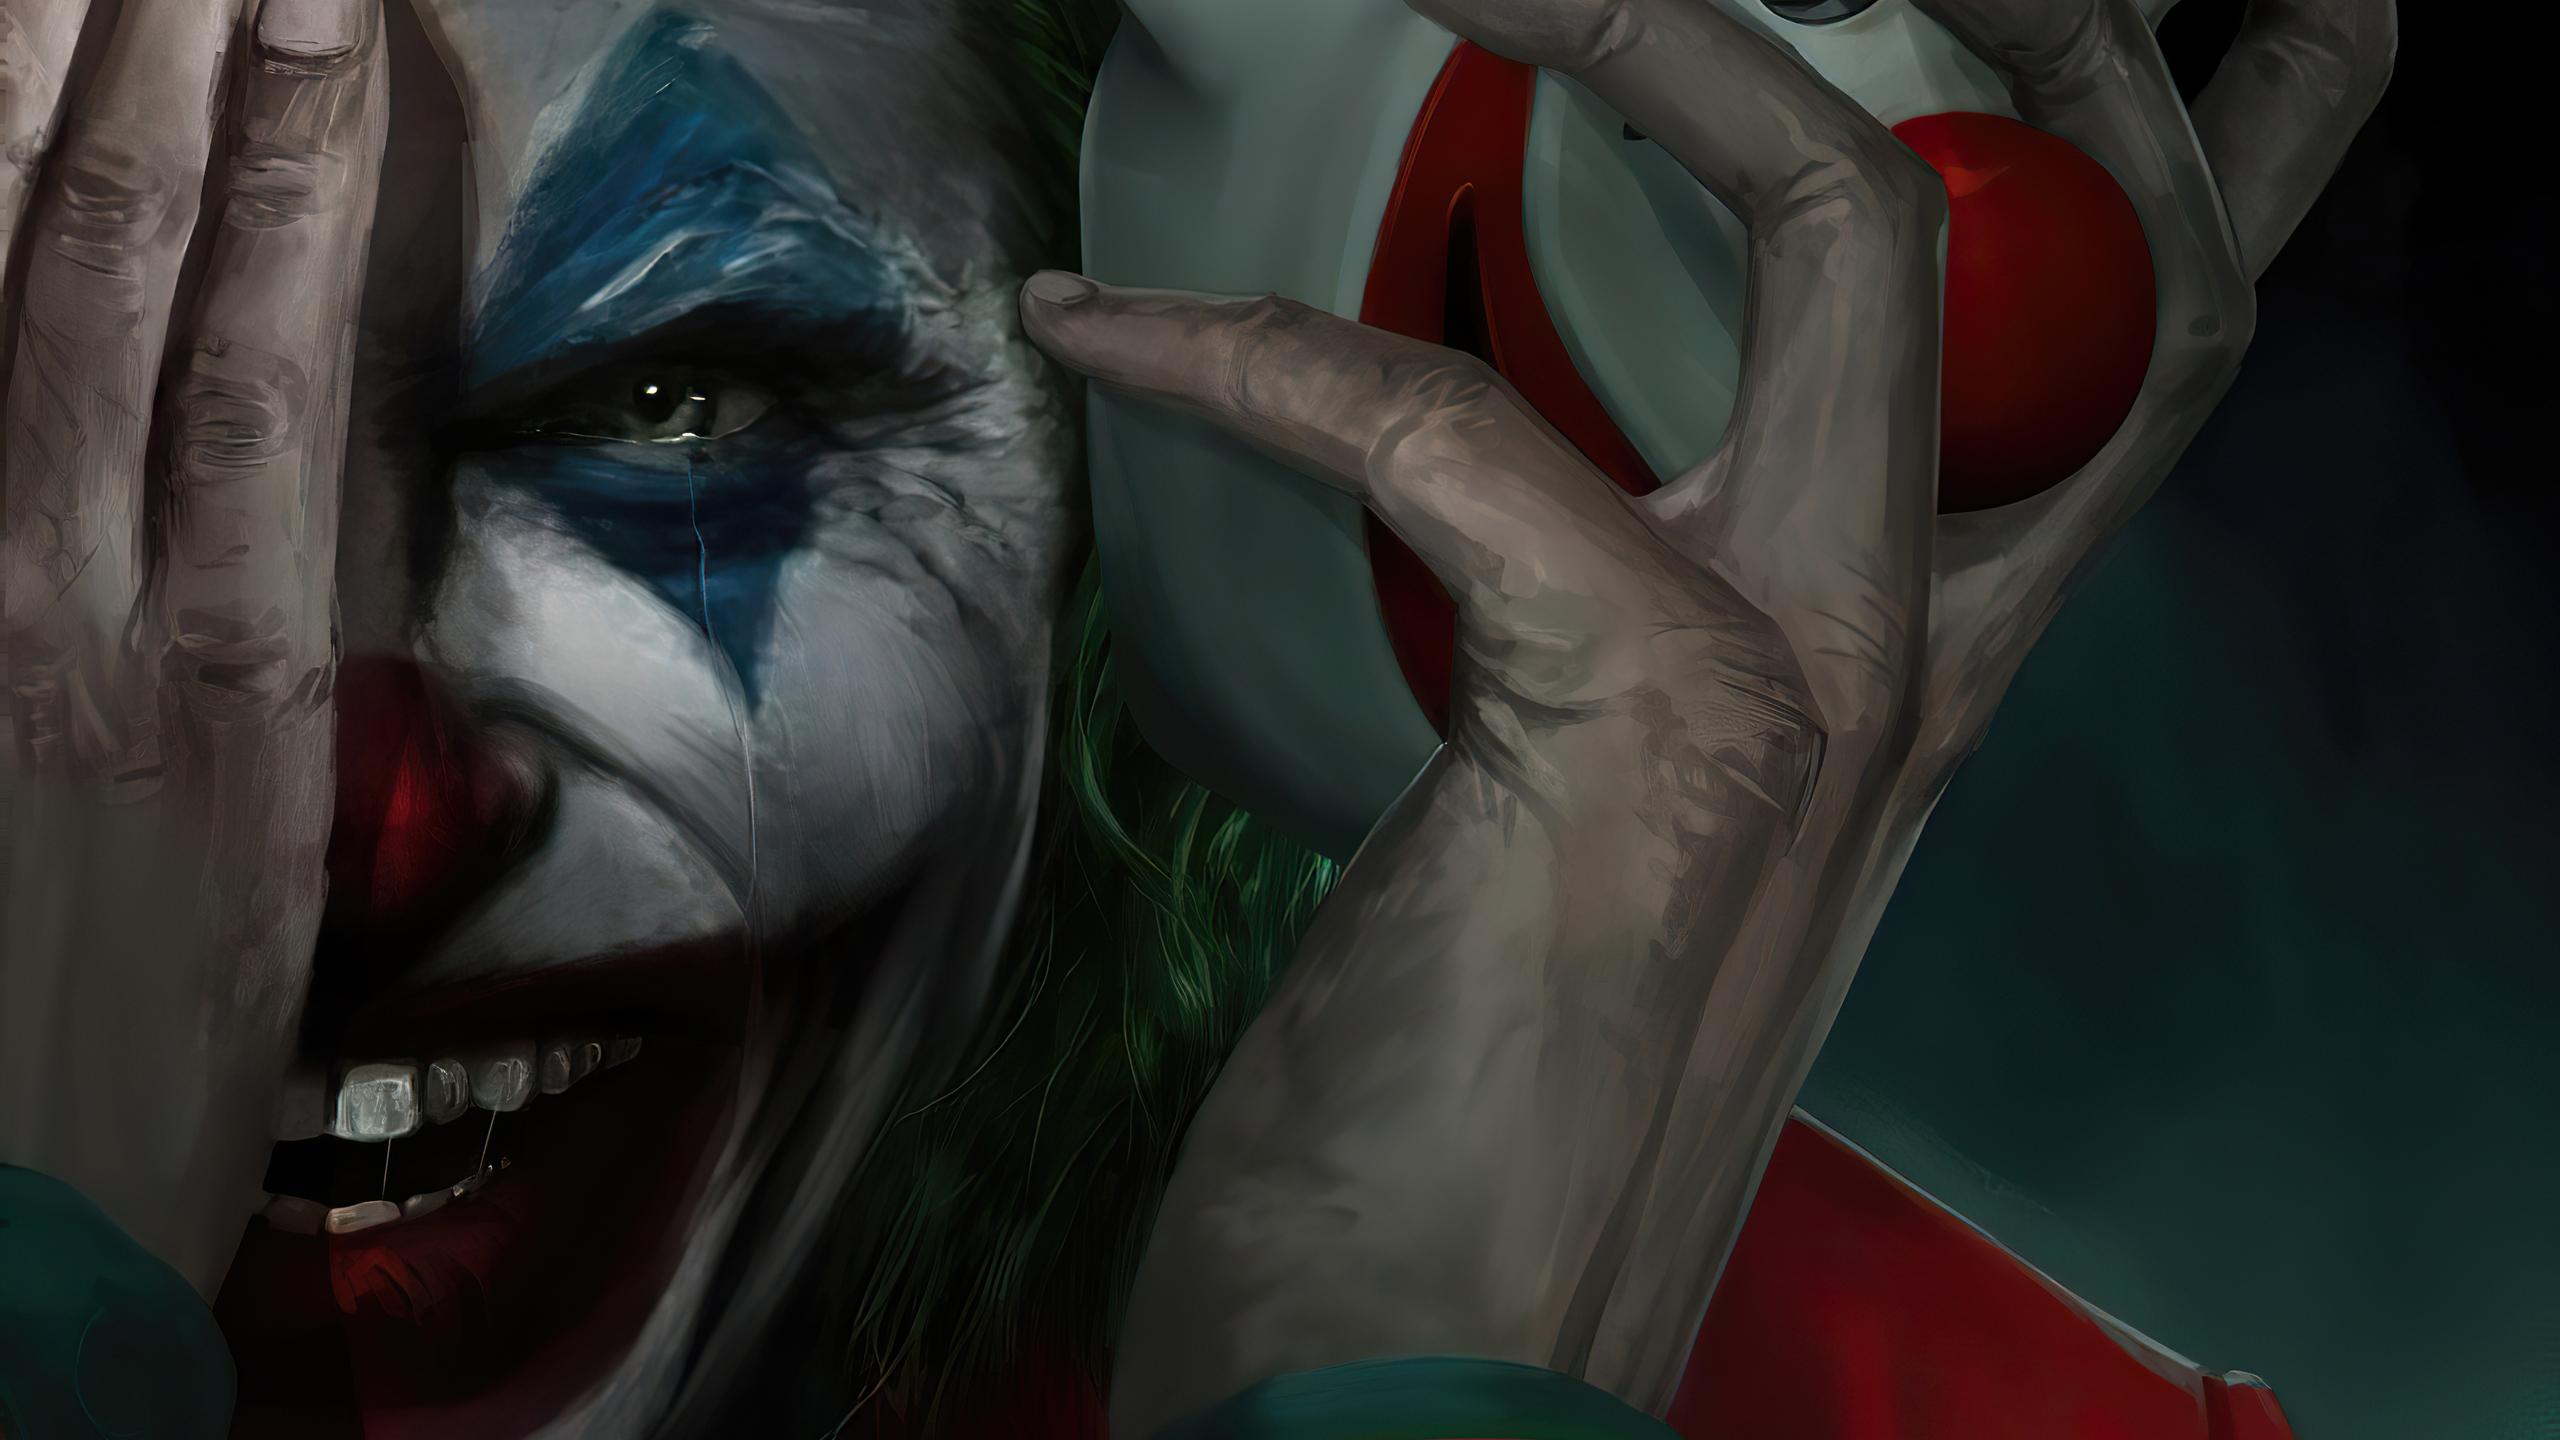 joker-smile-mask-off-2c.jpg